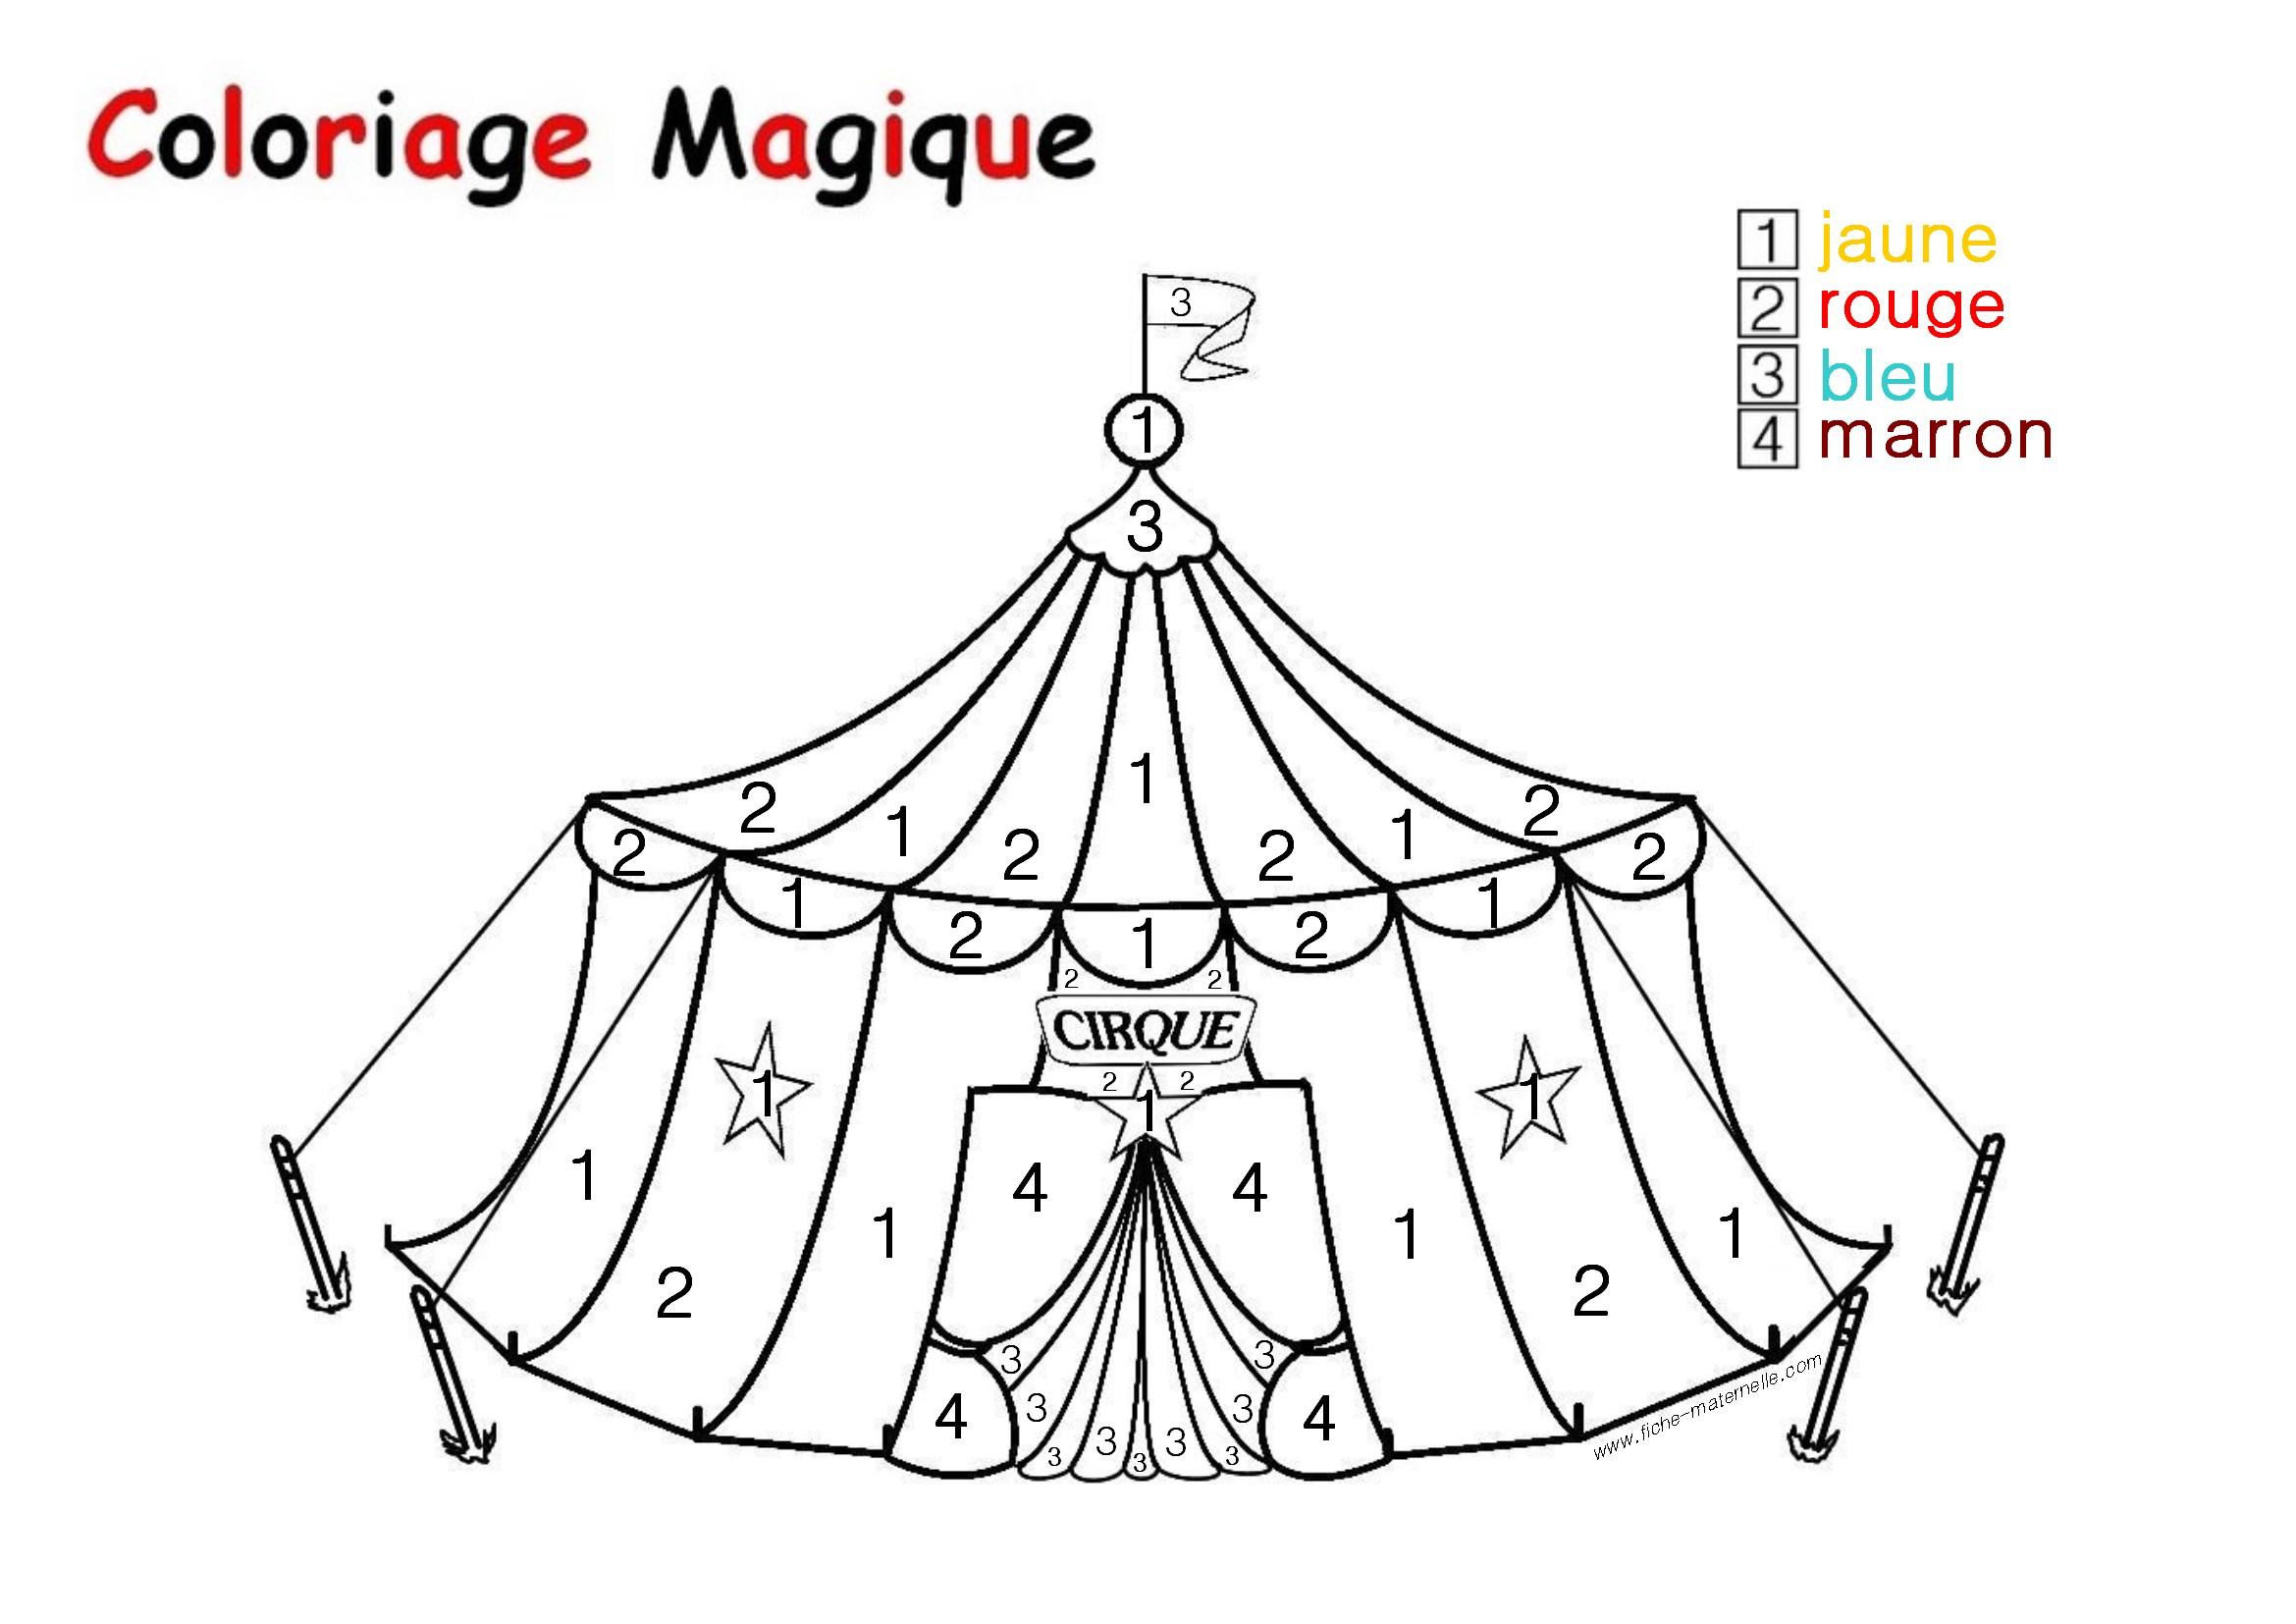 Coloriage magique Le Chapiteau d un cirque